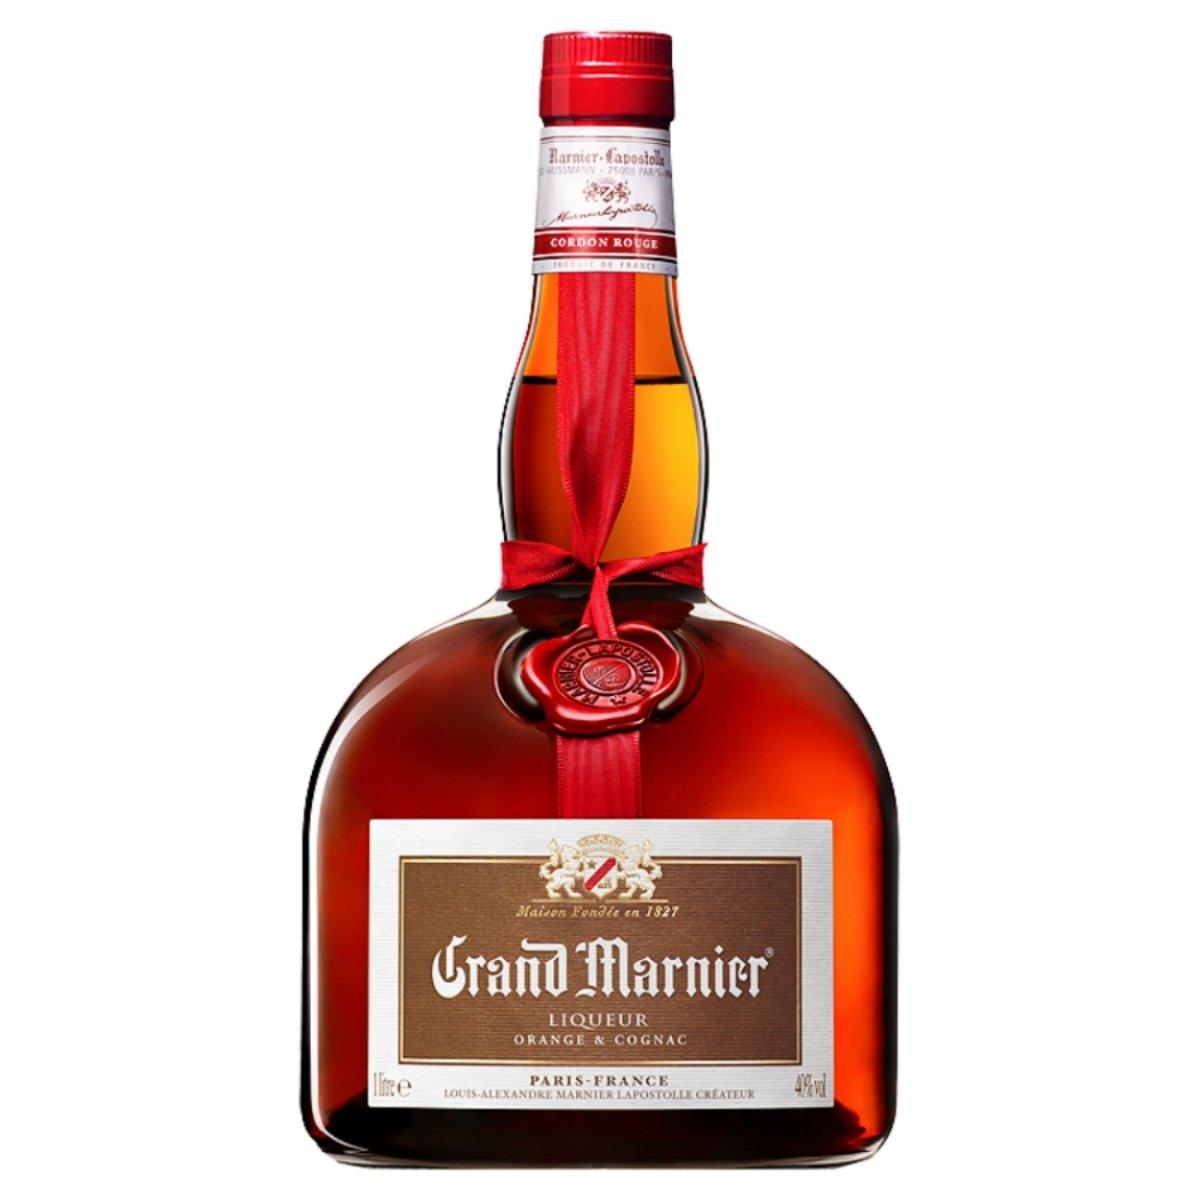 Grand Marnier 750ML - Orange & Cognac Liqueur   On Sale / Was $37.99   Now $33.99